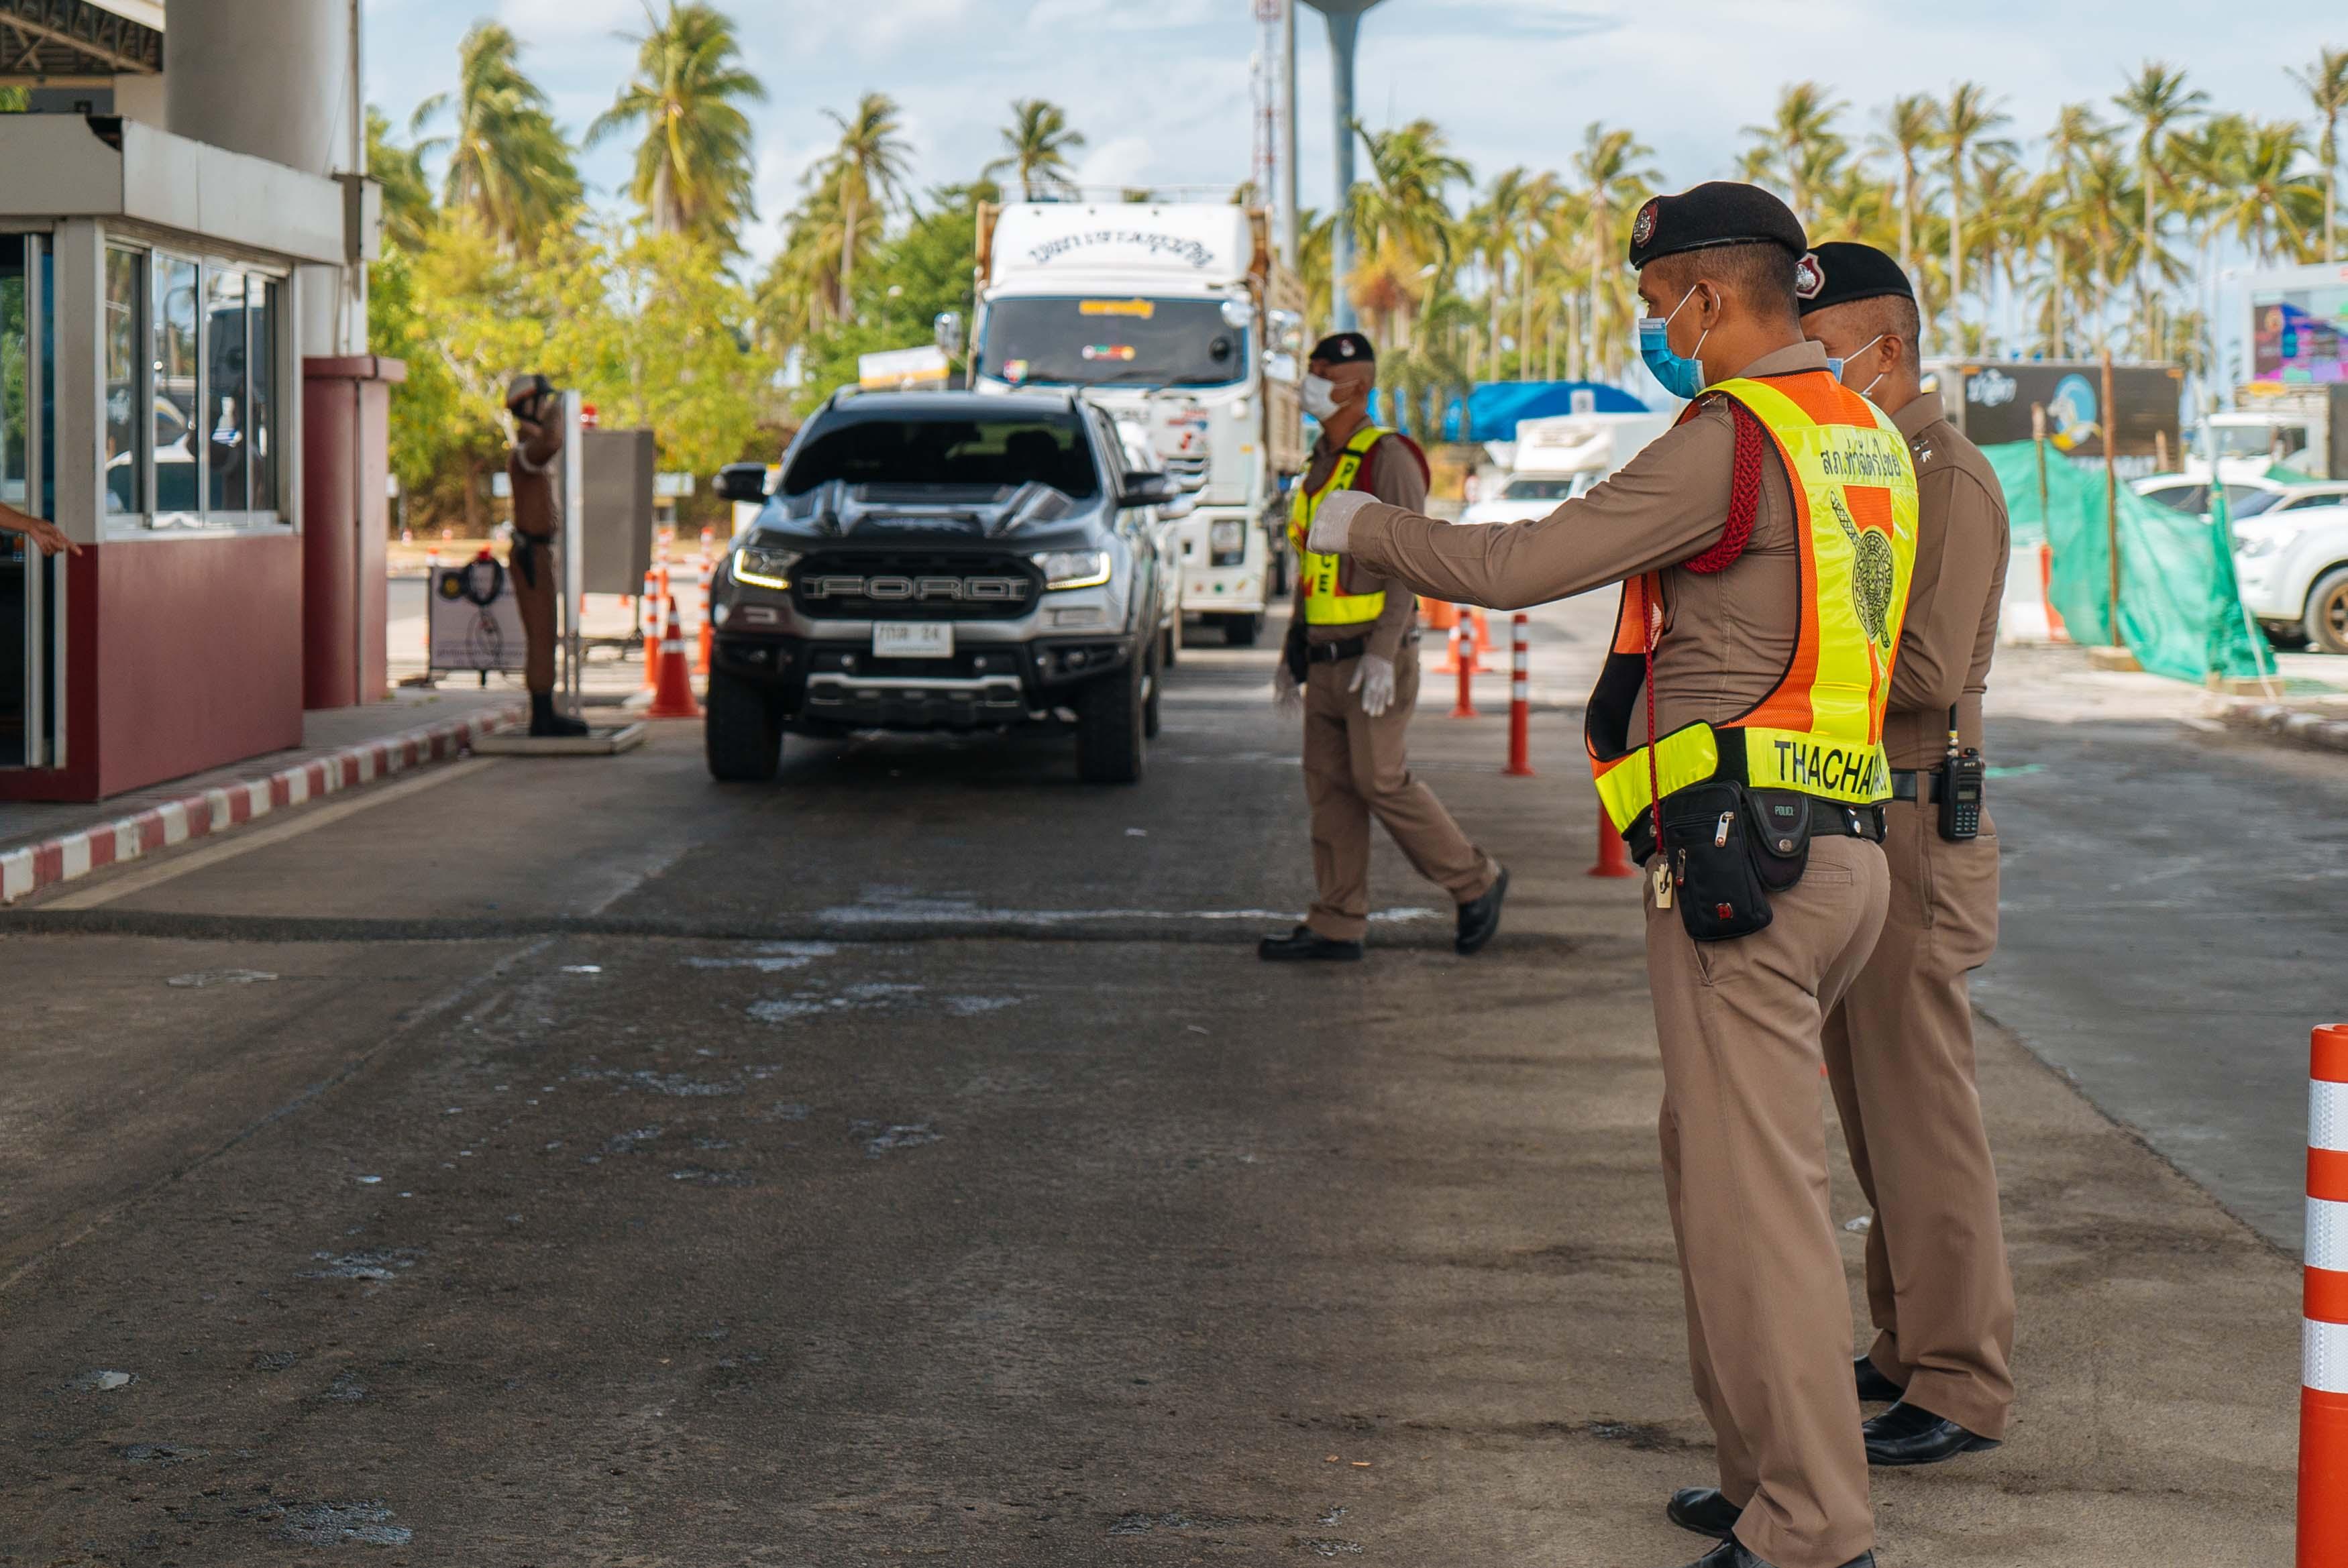 Вице-губернатор Пхукета: обязательный карантин для прибывших из Бангкока не требуется